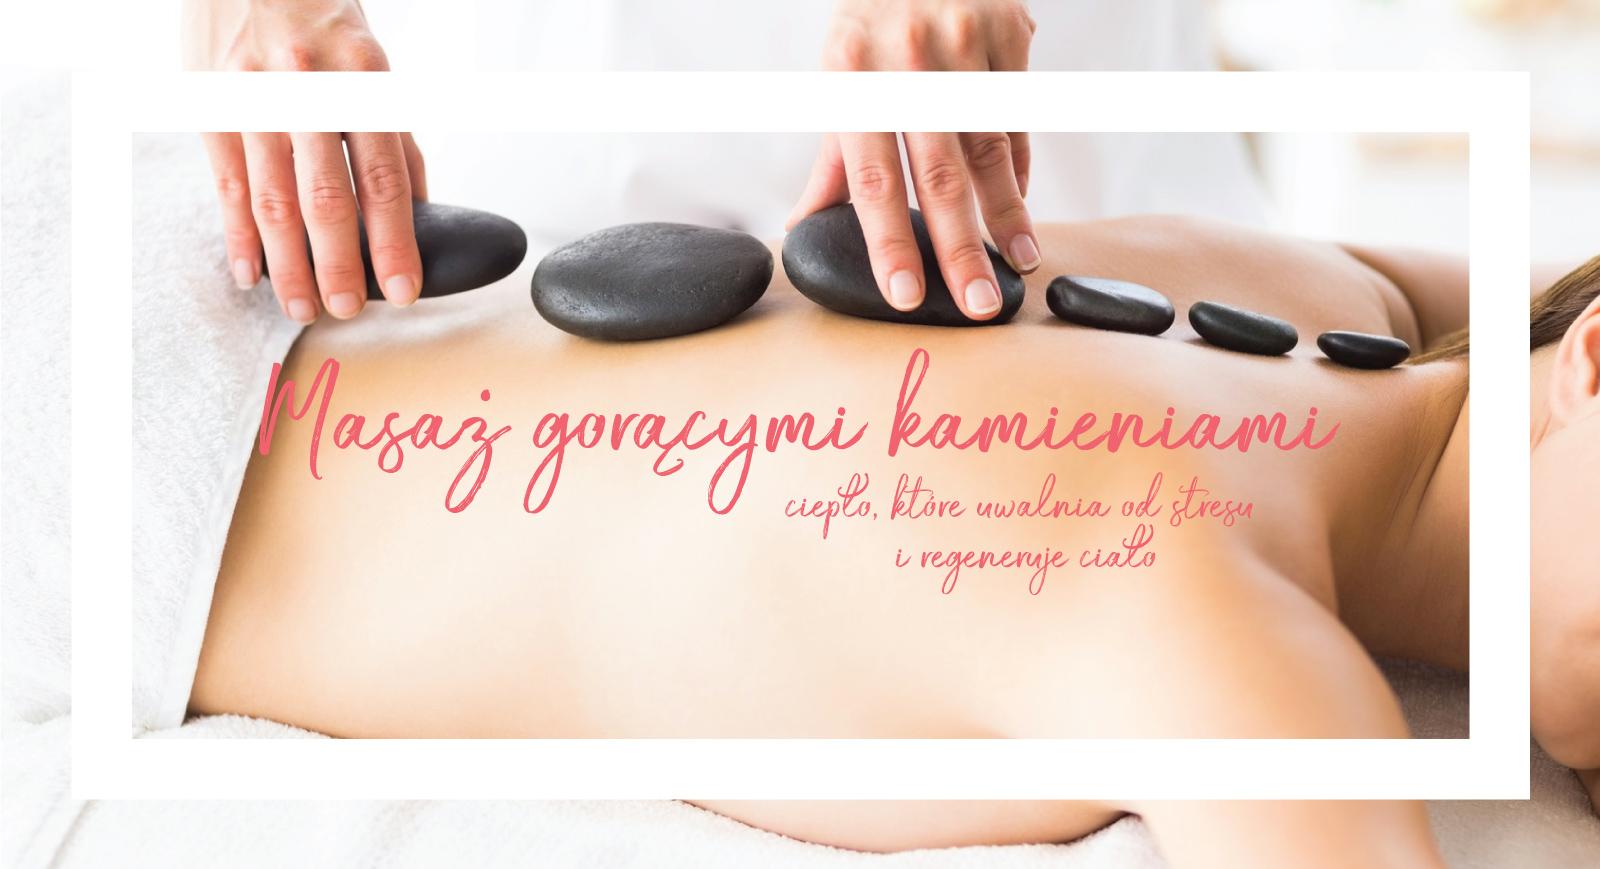 Masaż gorącymi kamieniami - ciepło, które uwalnia od stresu i regeneruje ciało